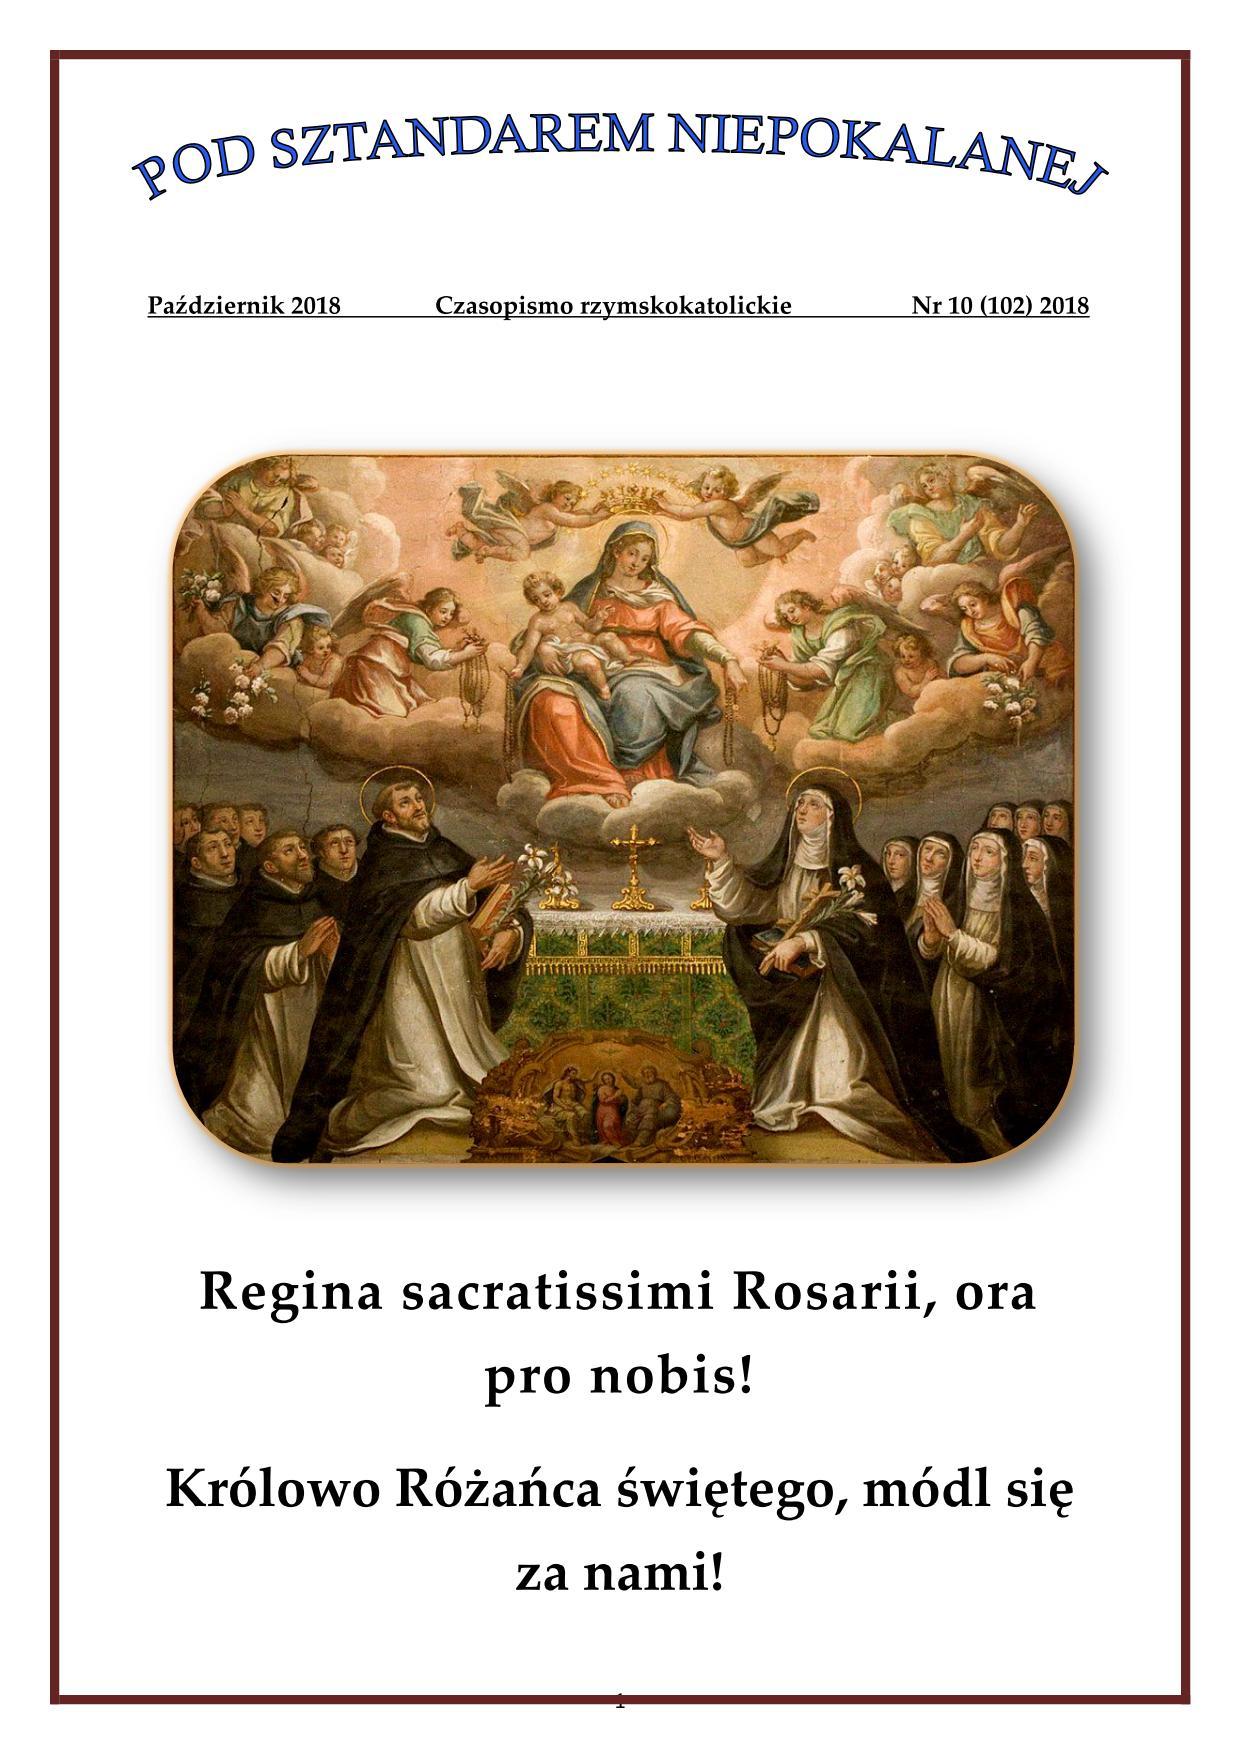 """""""Pod sztandarem Niepokalanej"""". Nr 102. Październik 2018. Czasopismo rzymskokatolickie."""